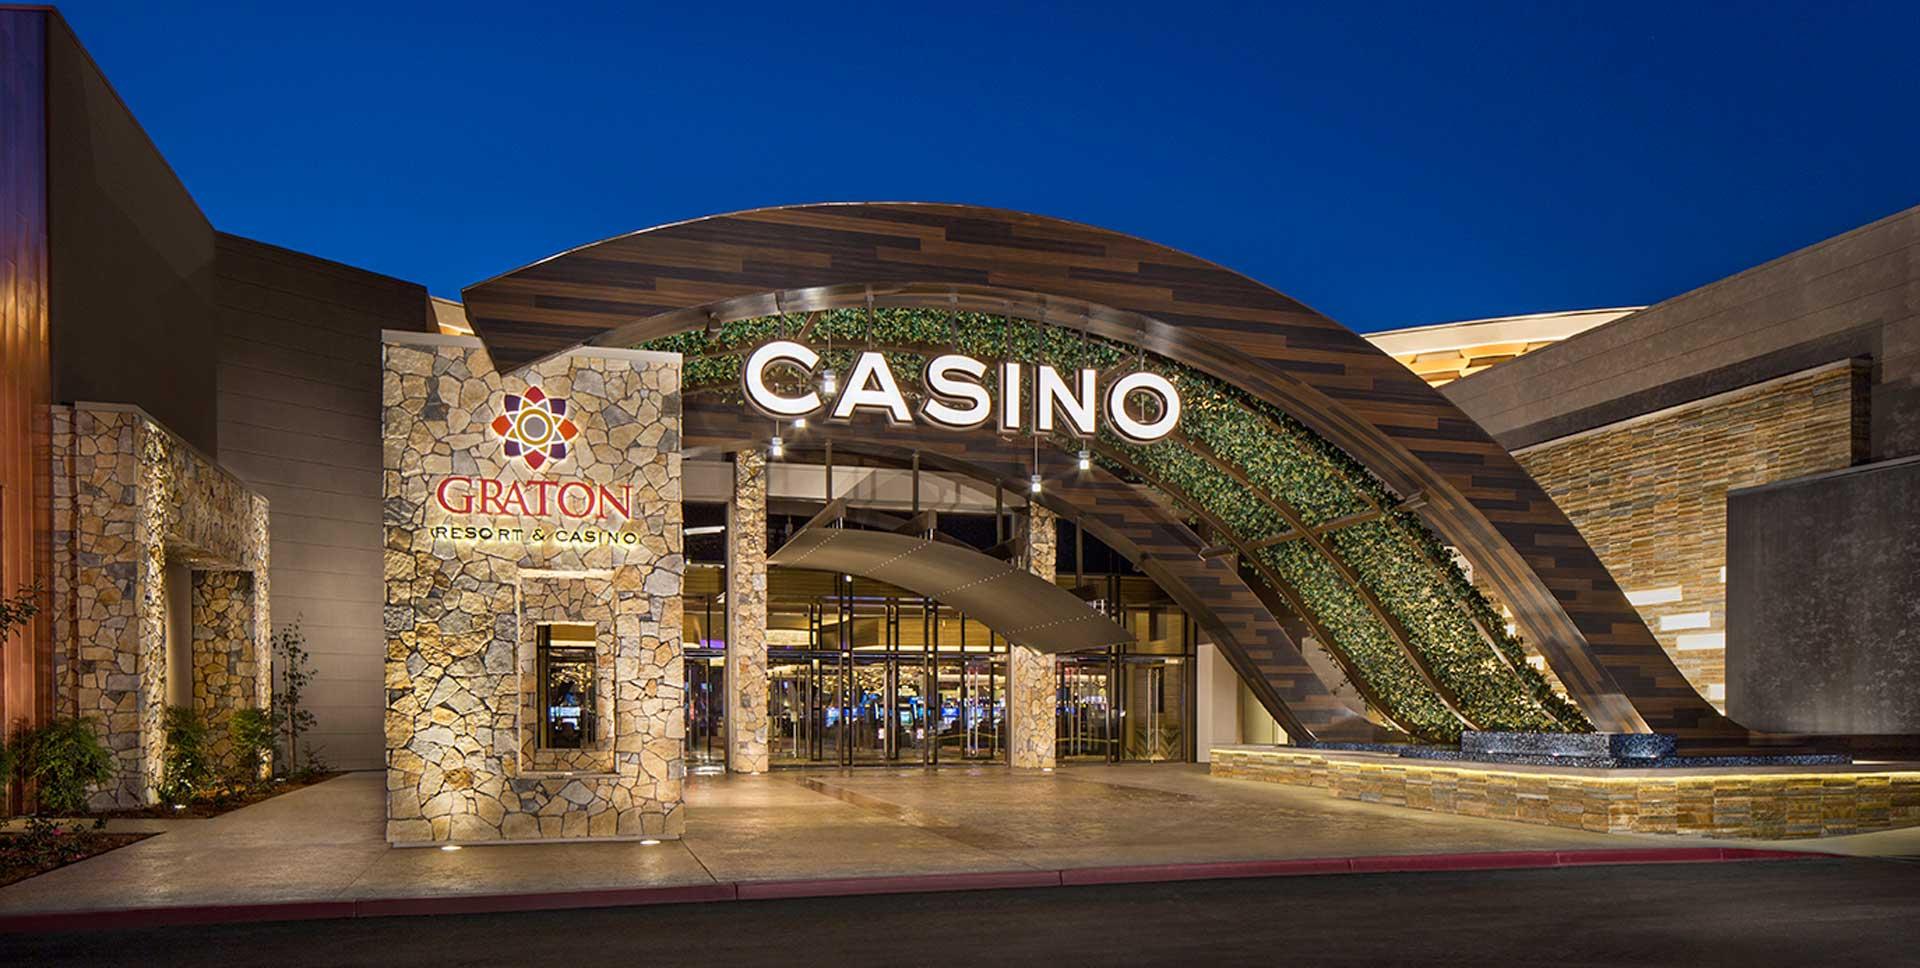 Graton casino restaurants gluten free sandia resort and casino address